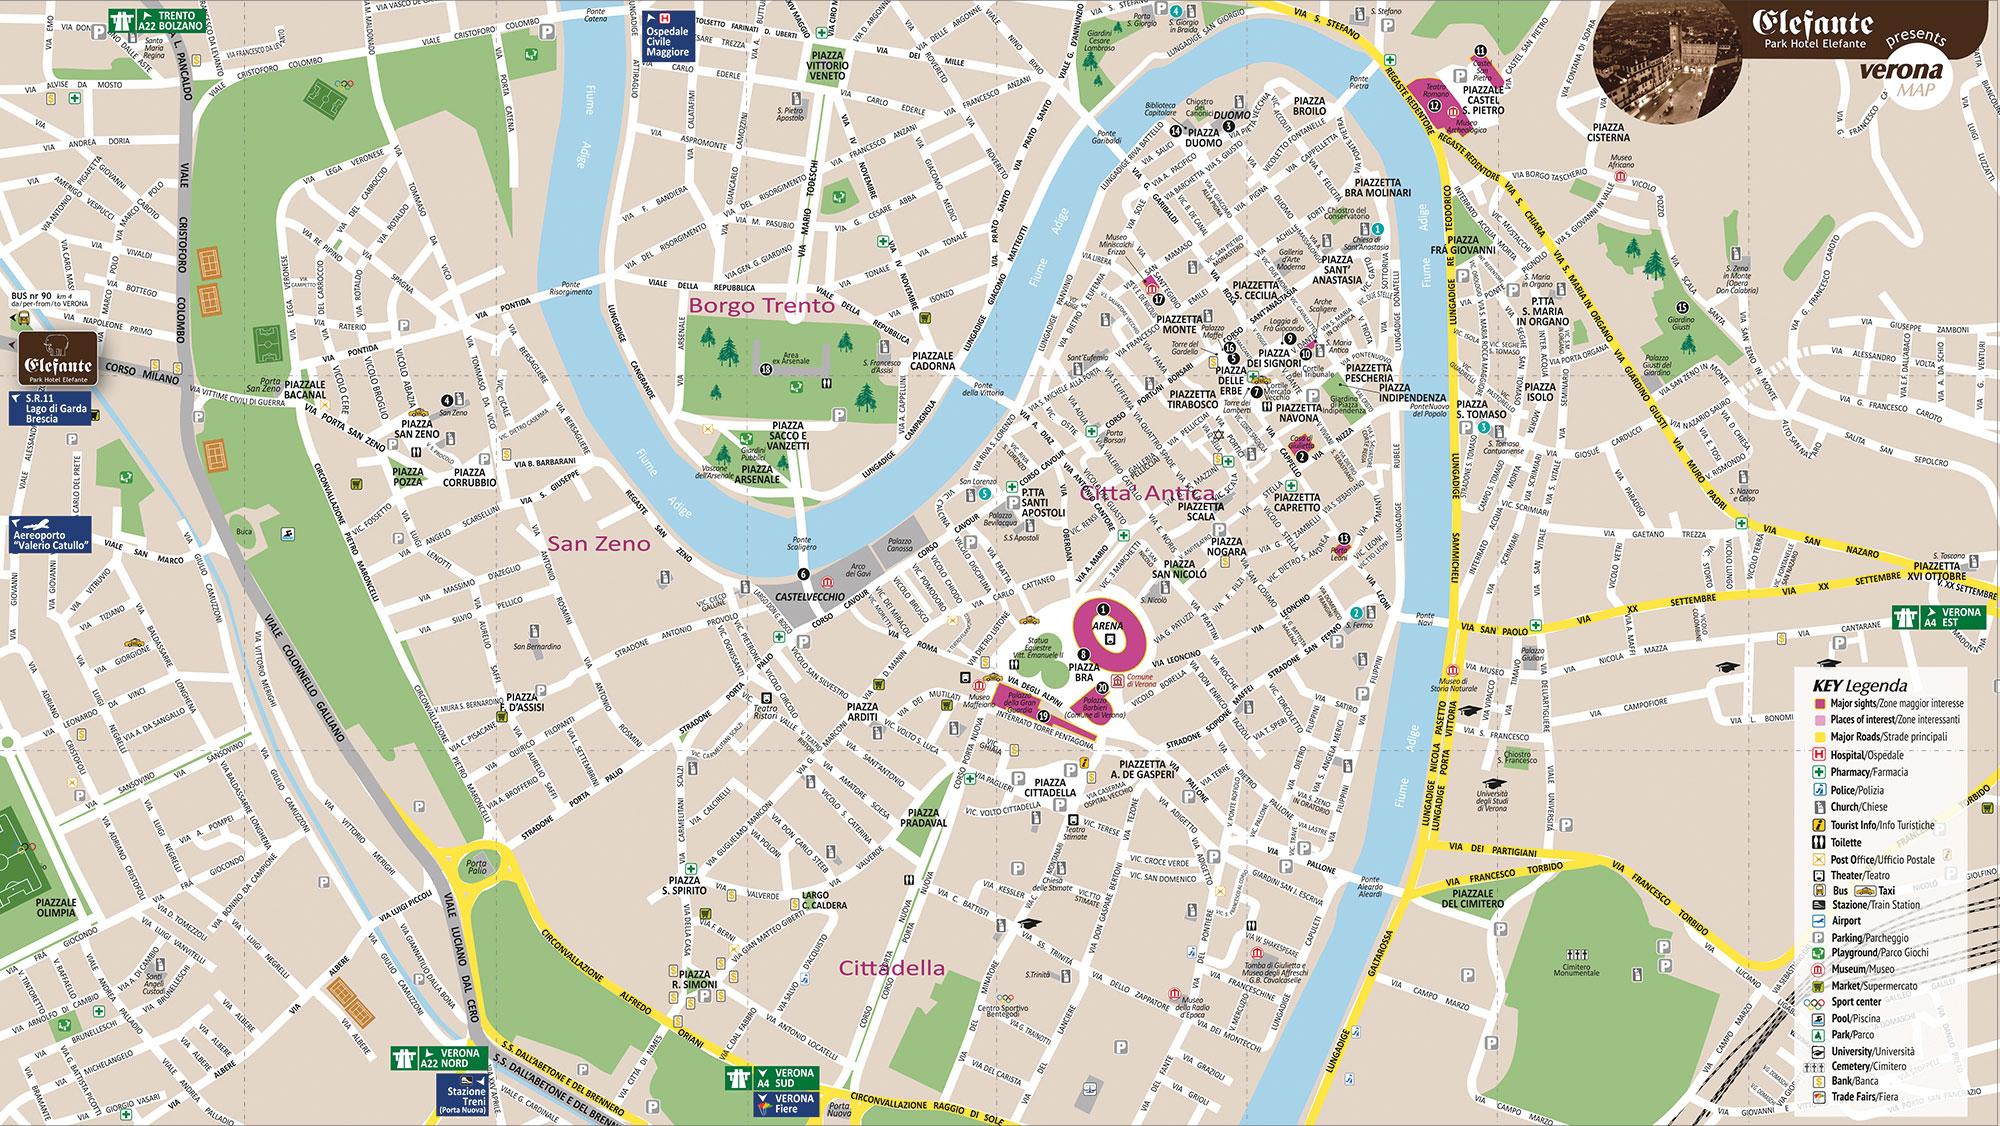 Elefante Mappa Brusy Personalizzata Mappa Di Verona